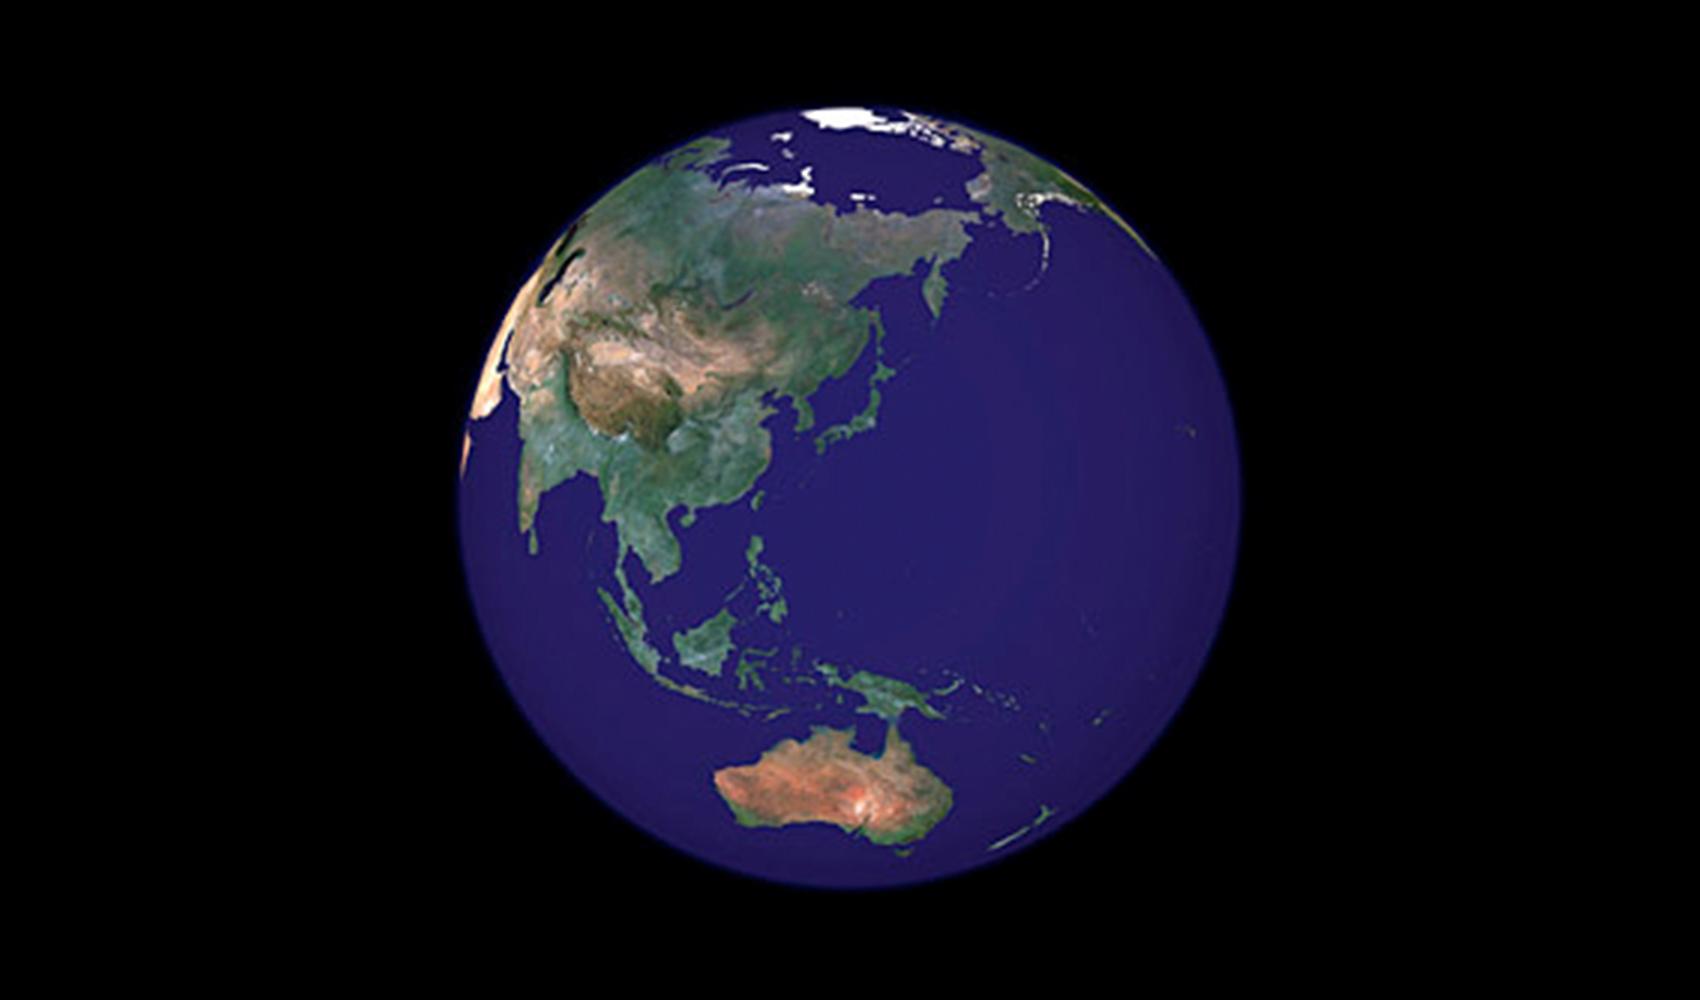 わたしたちの星「地球」の歴史について調べちゃおう